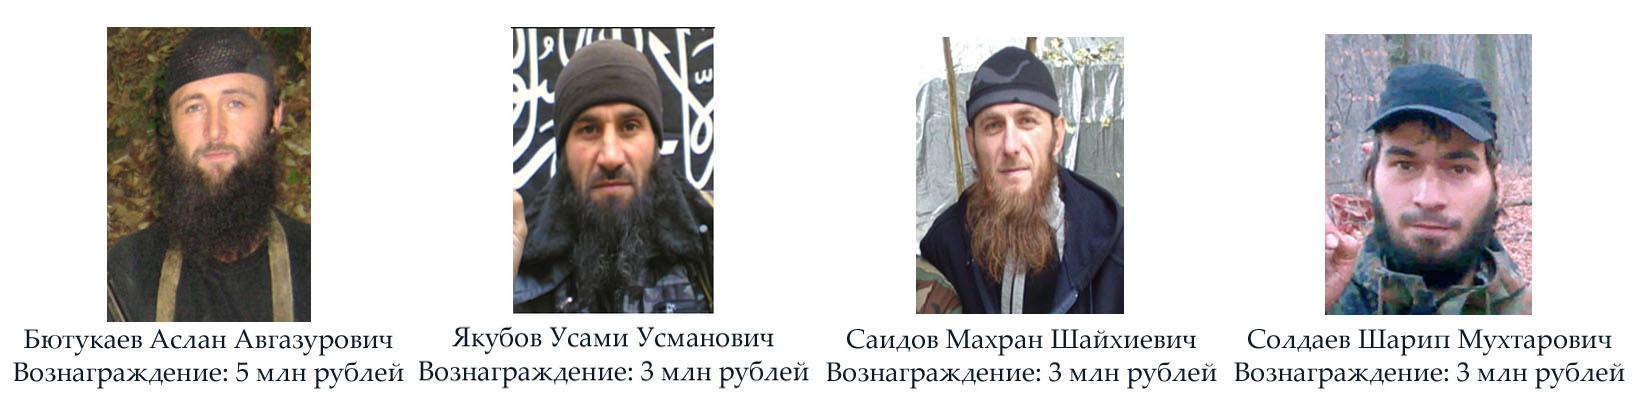 В Чечне ищут Бютукаева, Якубова, Саидова и Солдаева. Фото: сайт МВД по Чечне.